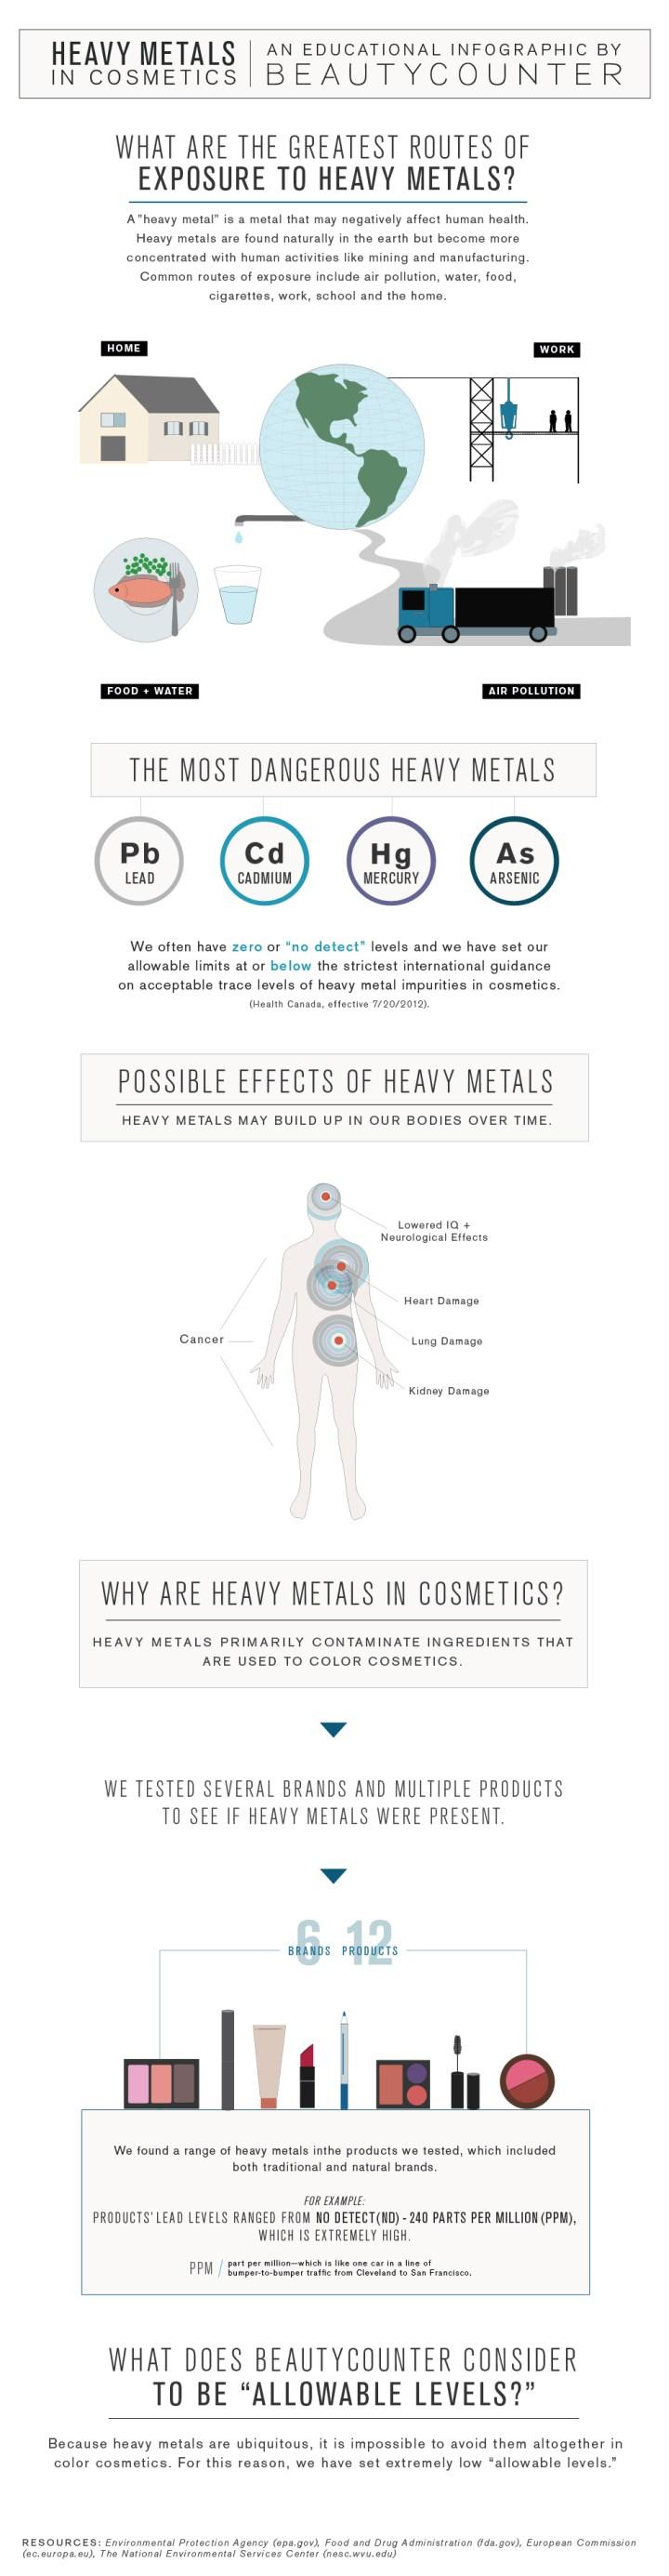 20161117-heavymetals-infographic